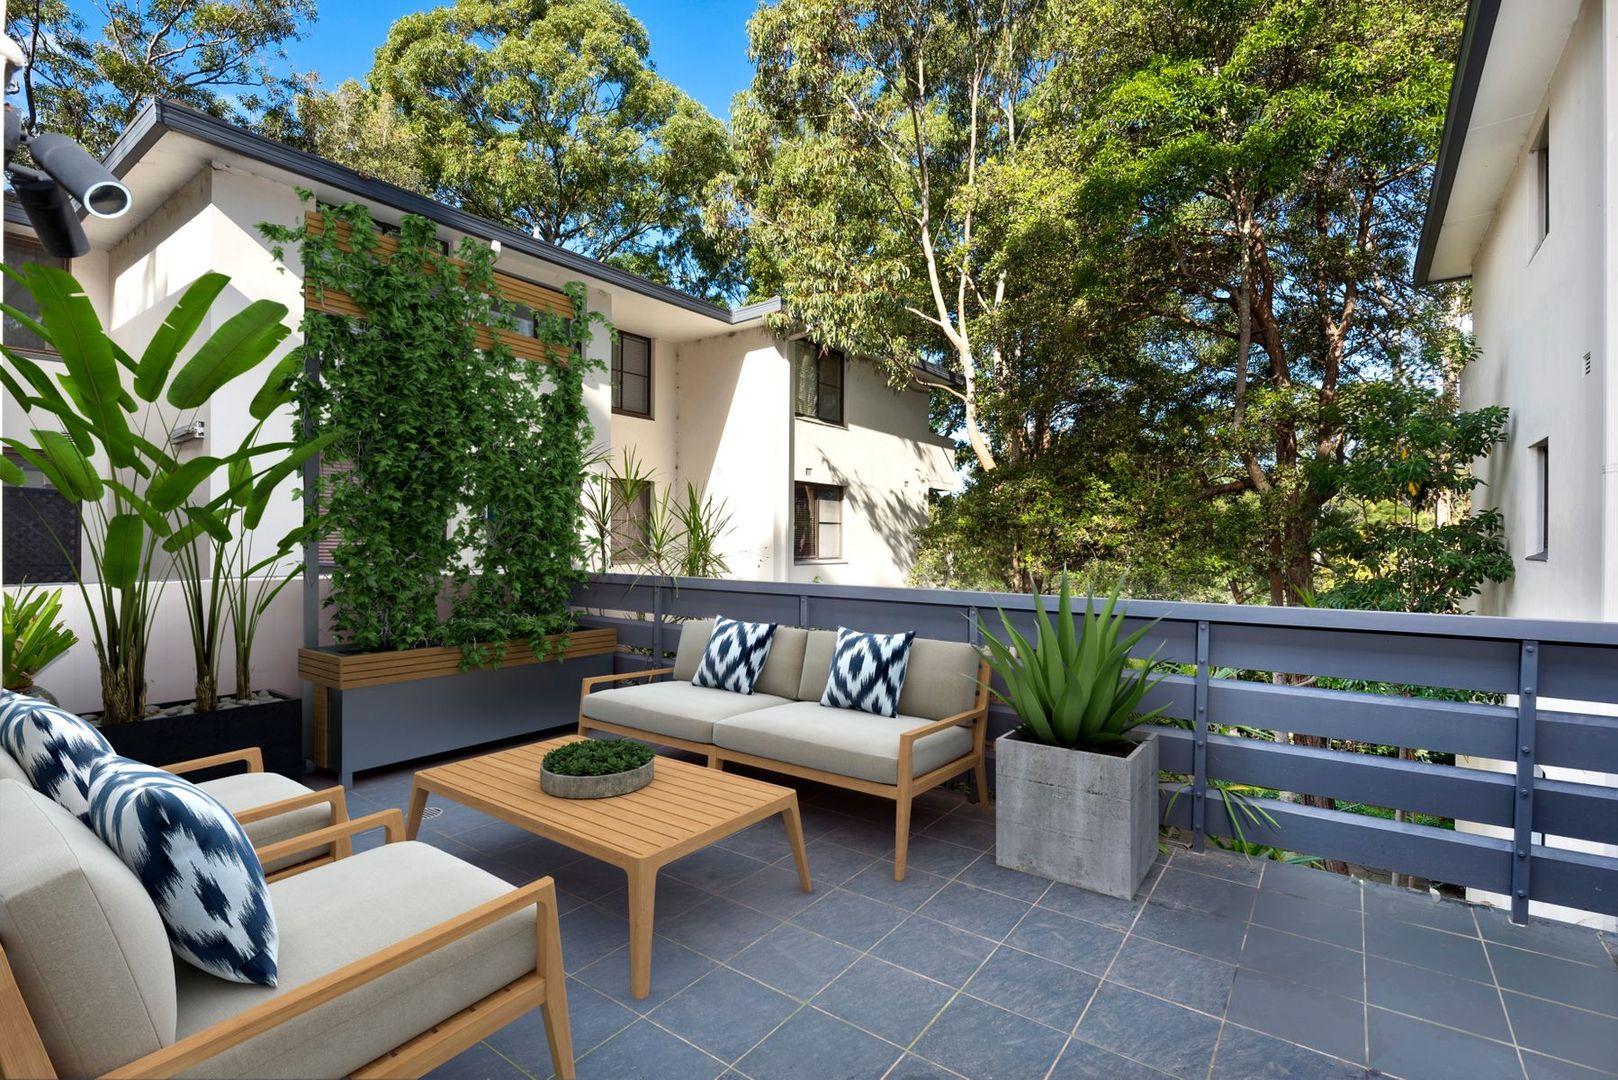 14/438 Mowbray Road, Lane Cove NSW 2066, Image 0